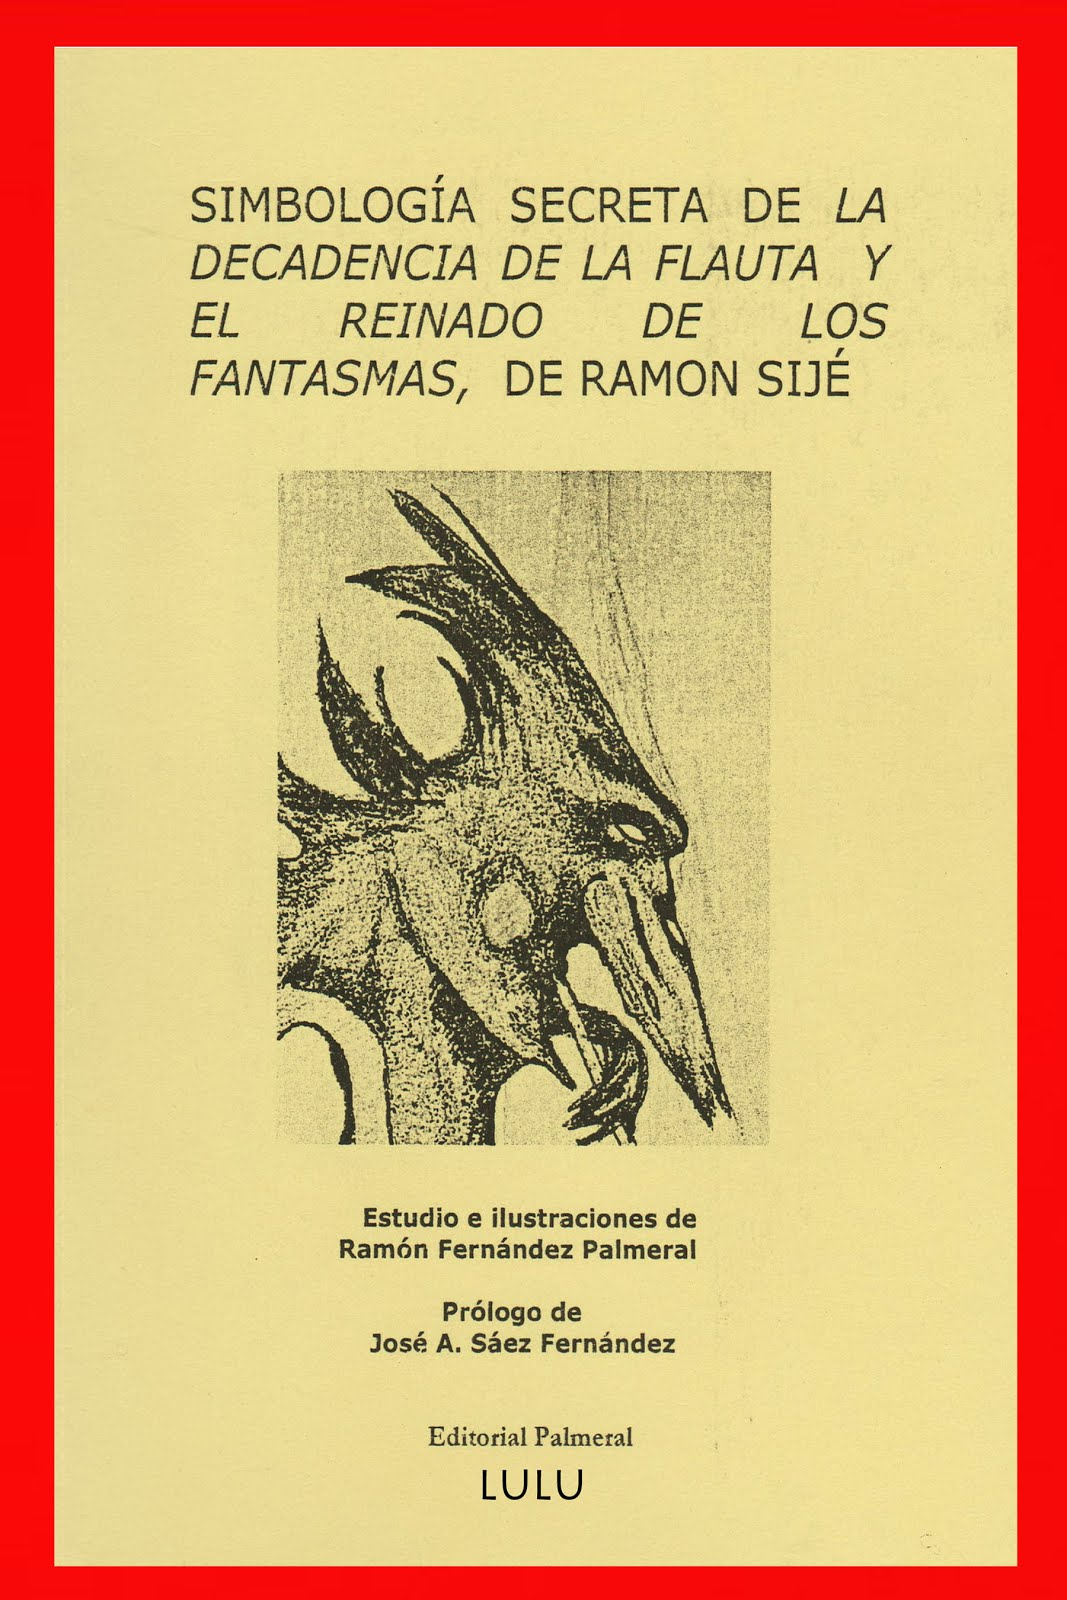 Simbología secreta de la decadencia de la flauta de Ramón Sijé